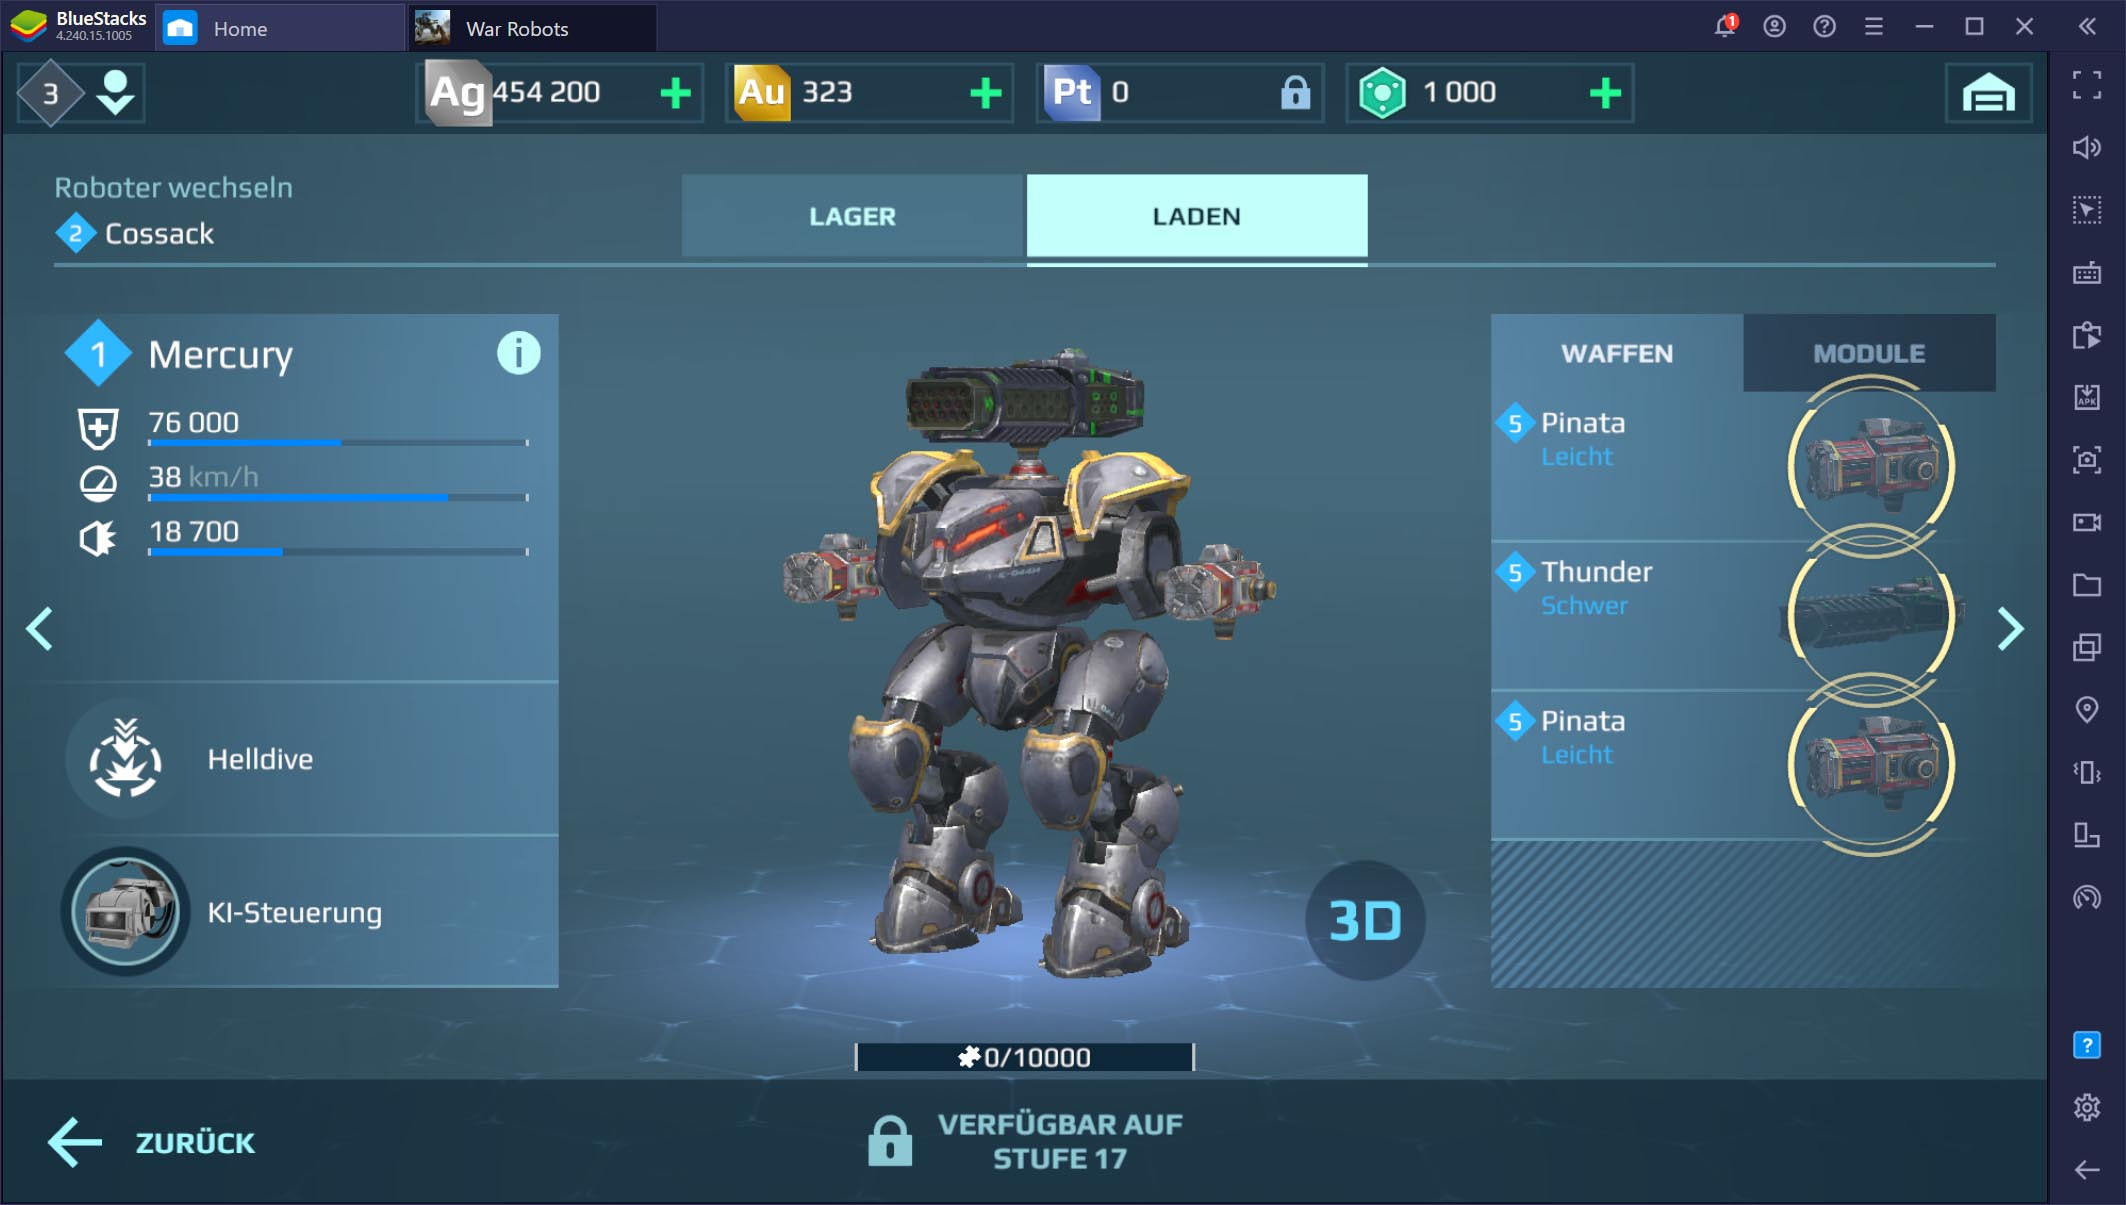 War Robots – Die besten Roboter und Waffen 2020